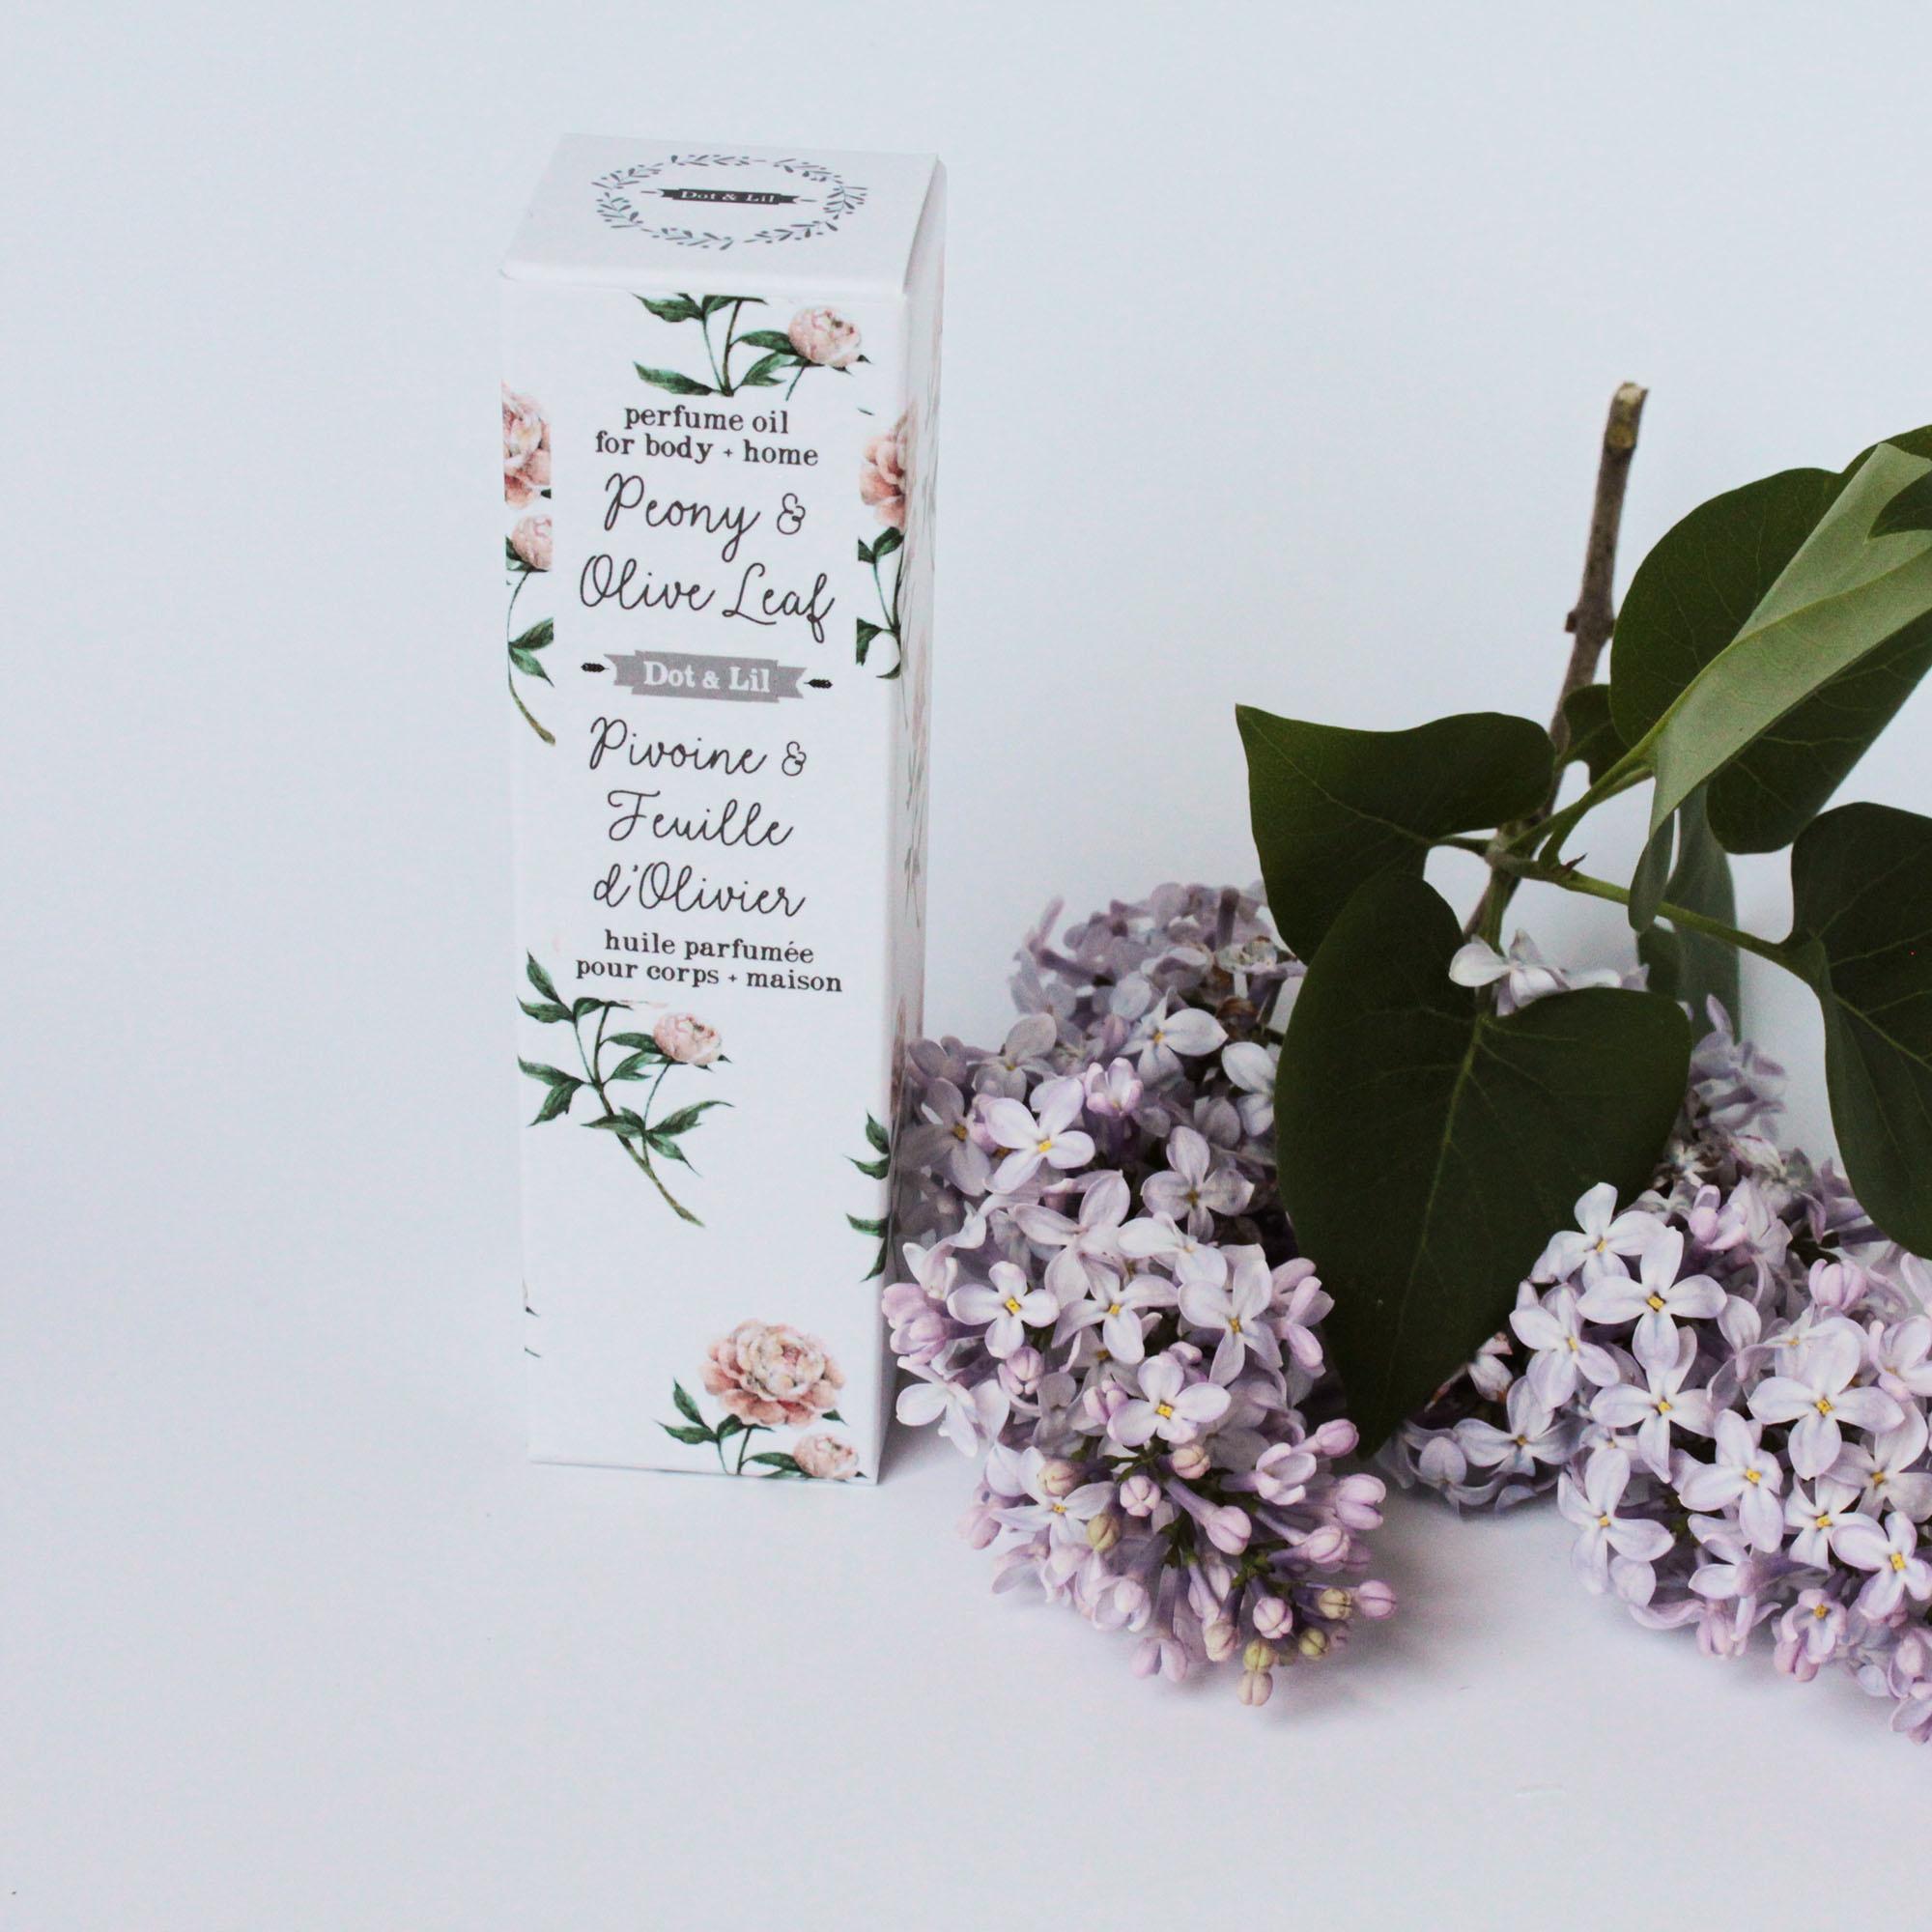 Dot and Lil Huile de parfum pivoine et fleur d'olivier